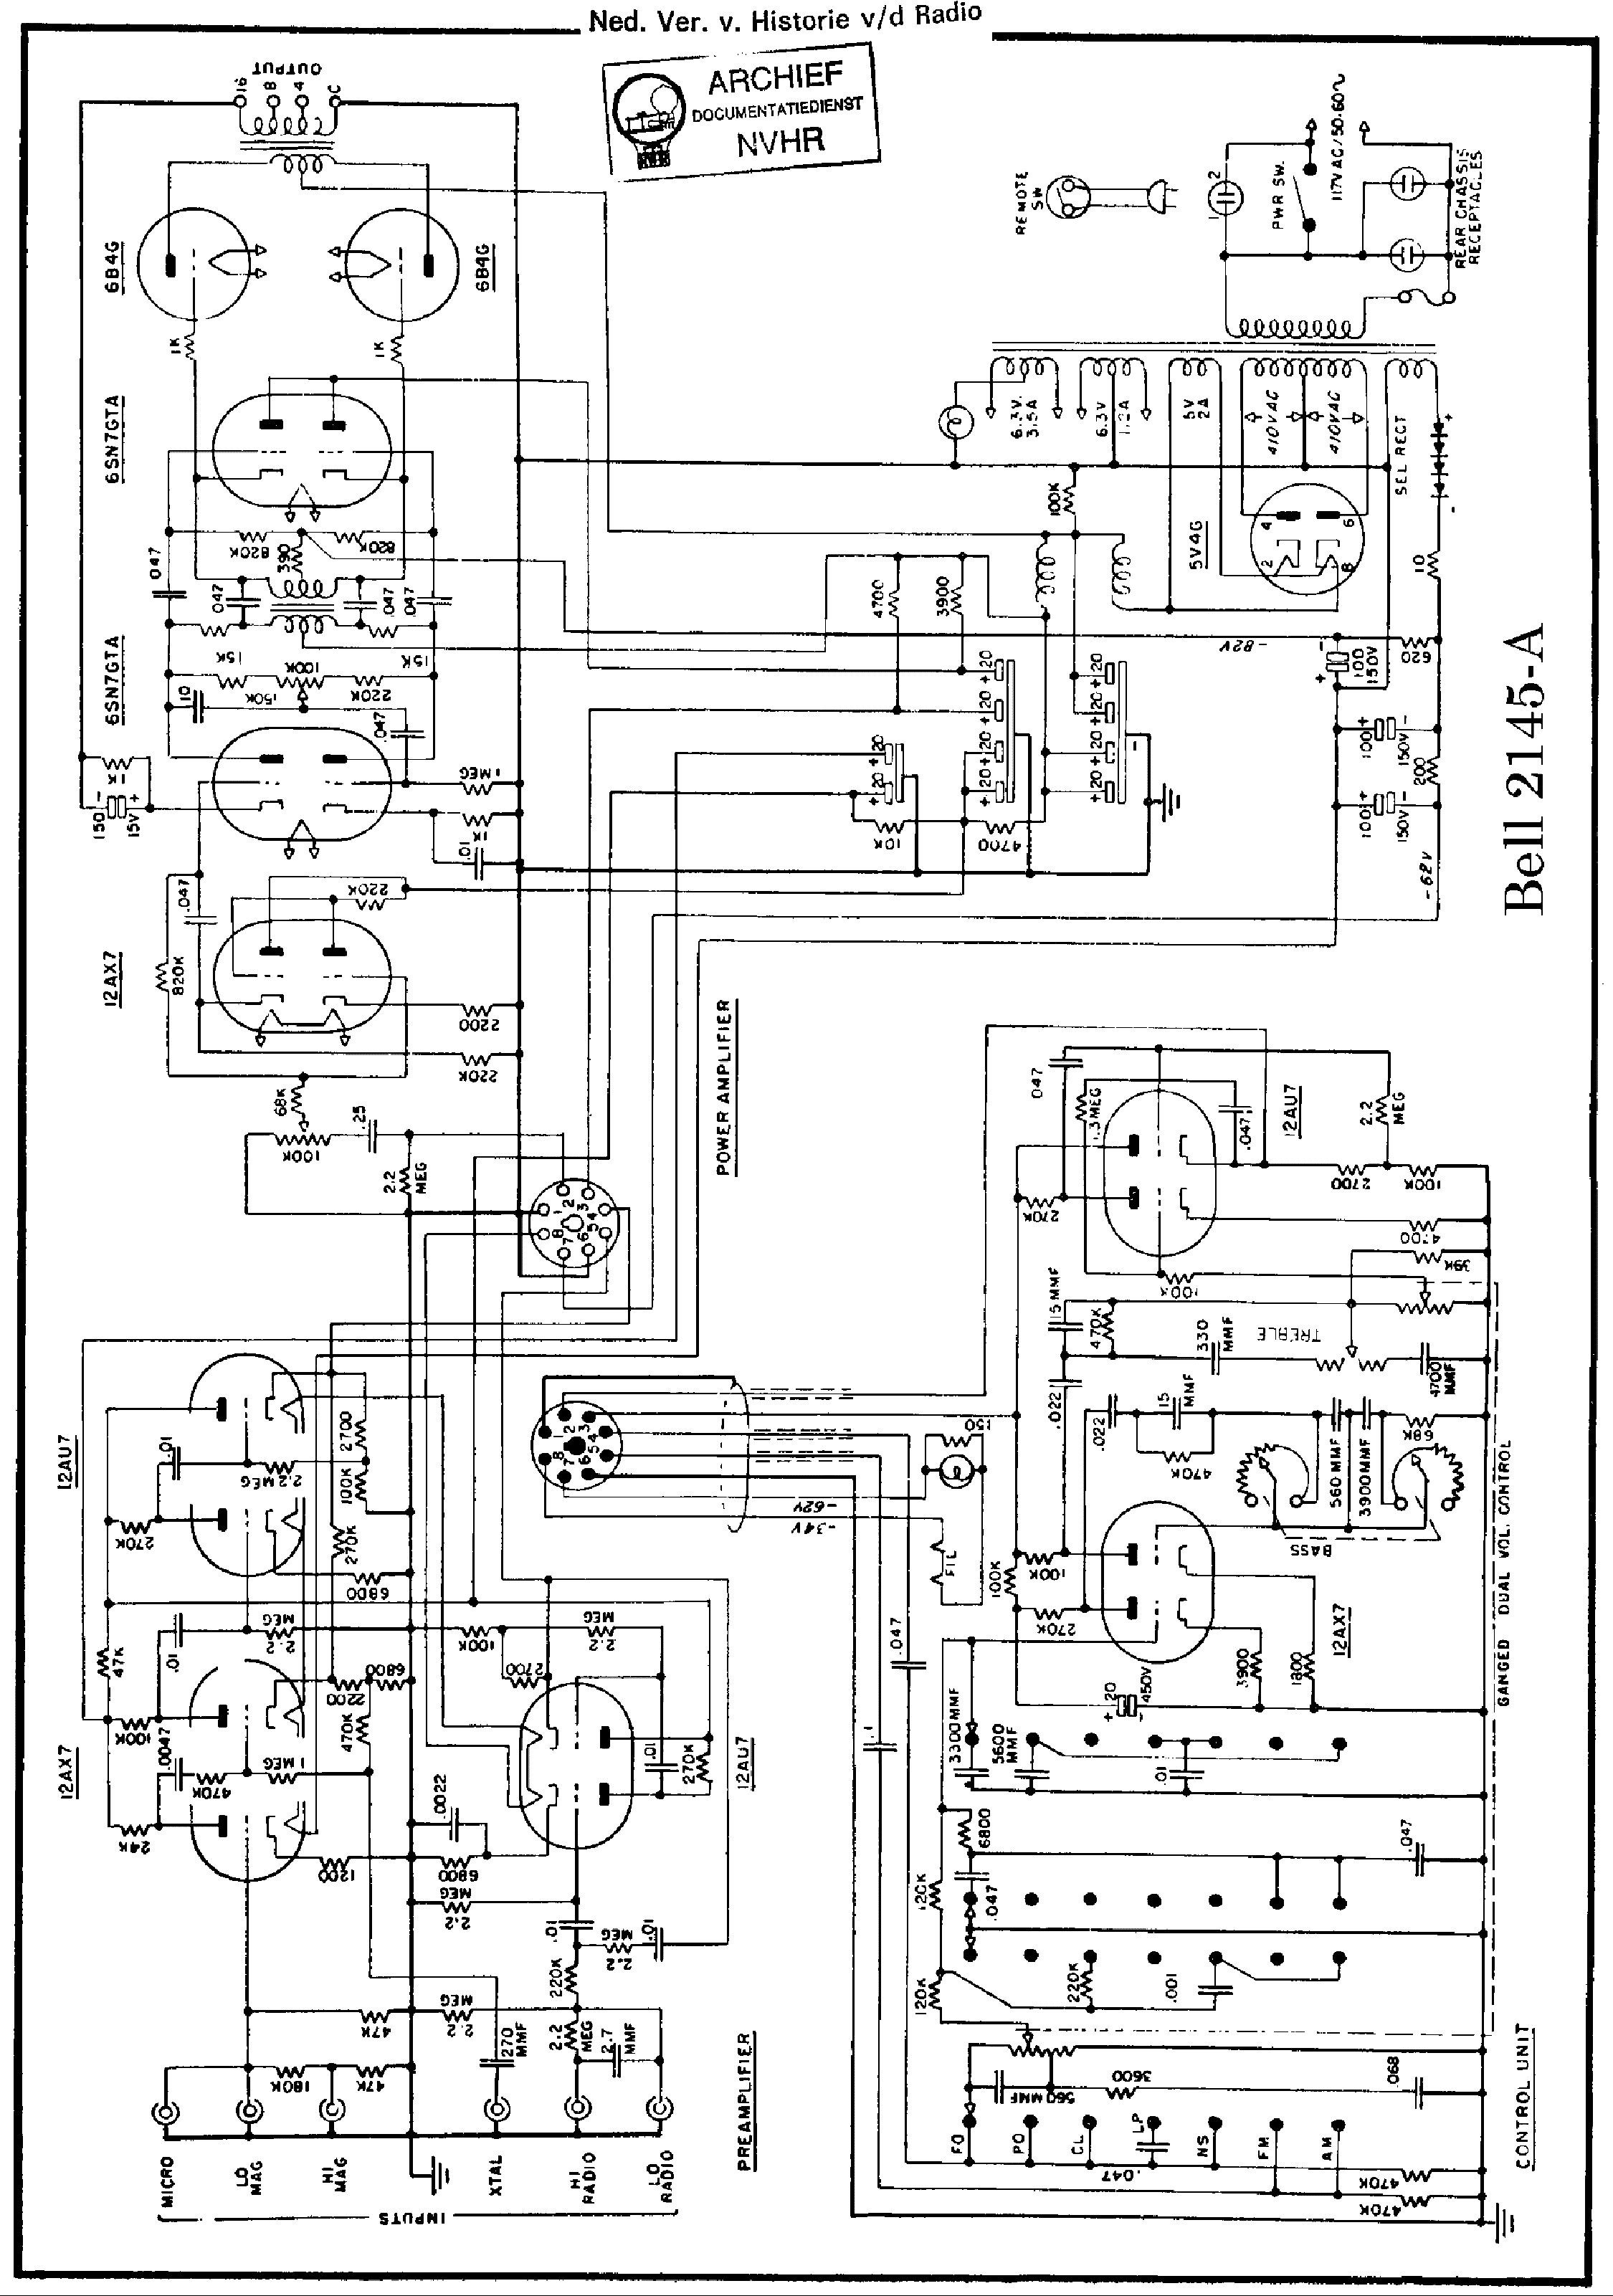 Niedlich Bell Schaltplan Bilder - Schaltplan Serie Circuit ...